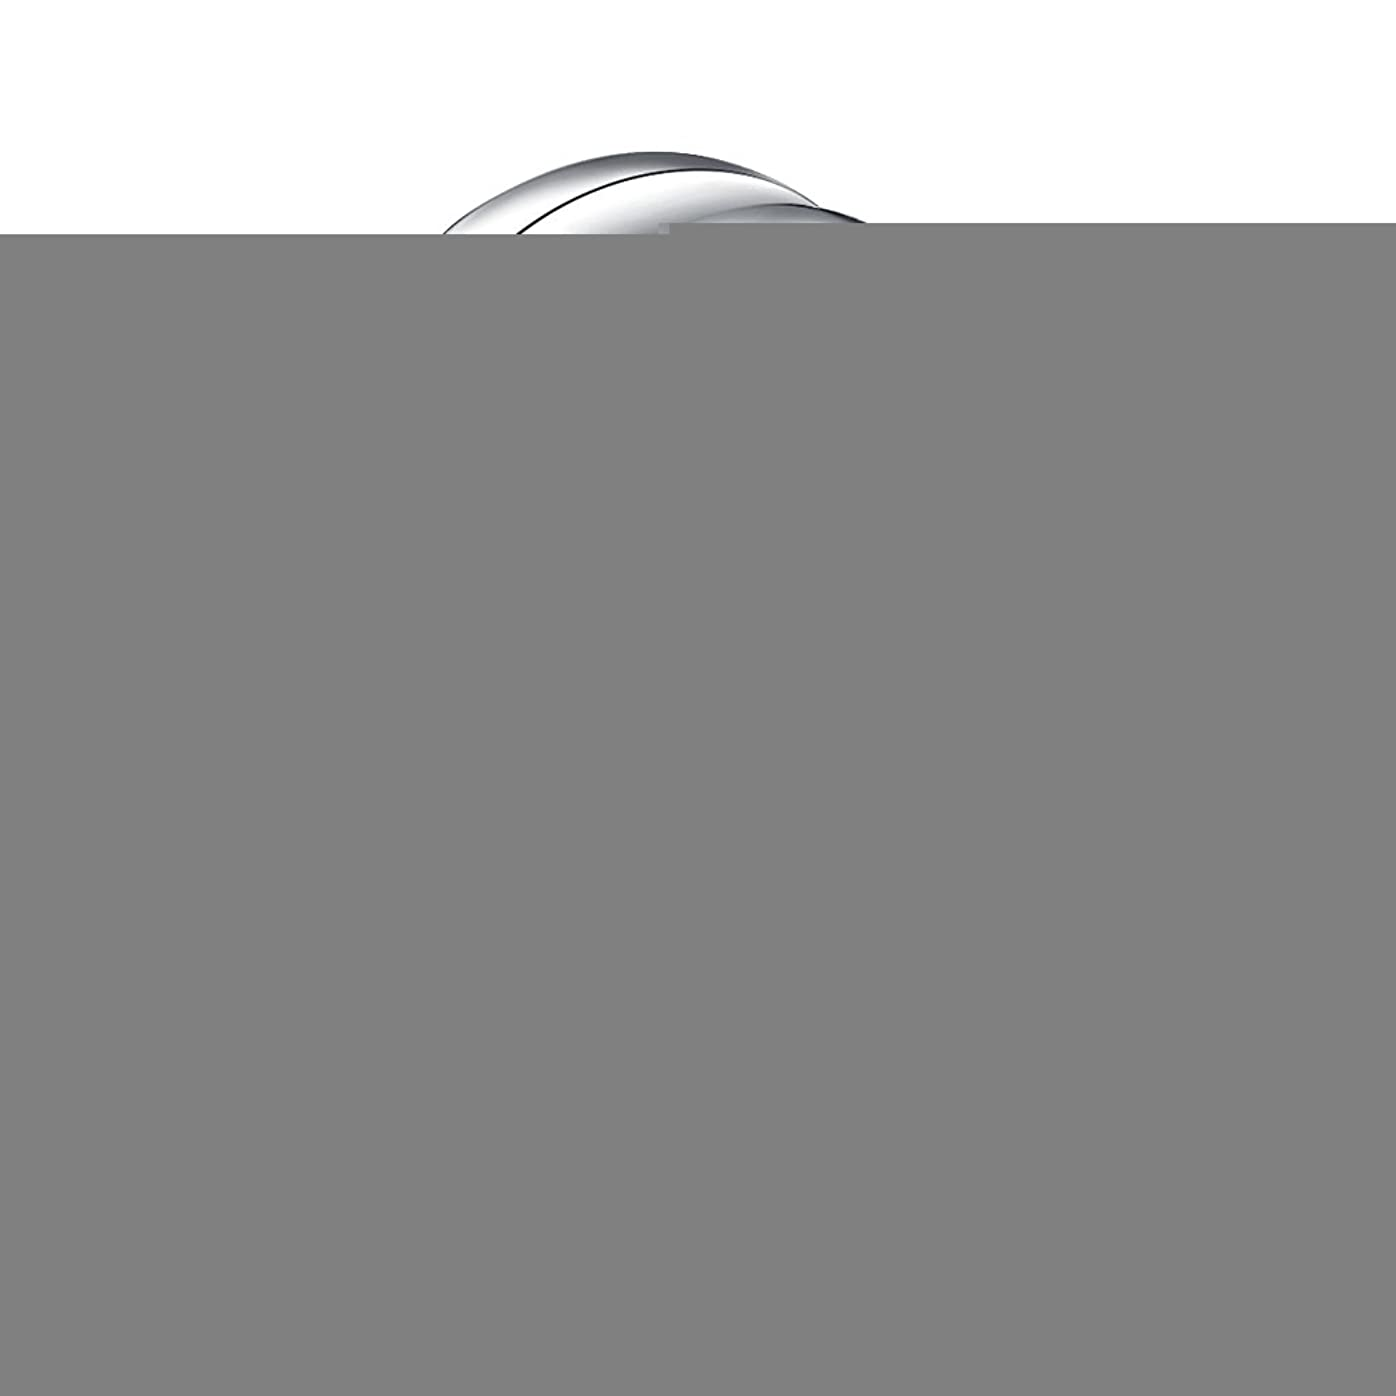 顕現遅滞救出結婚指輪人気 クラウン指輪 クラウン镶钻開口の指輪調節できます 流行韓国の芸能人アクセサリー ウエディングドレスセット プロポーズのプレゼント ガールフレンドプレゼント